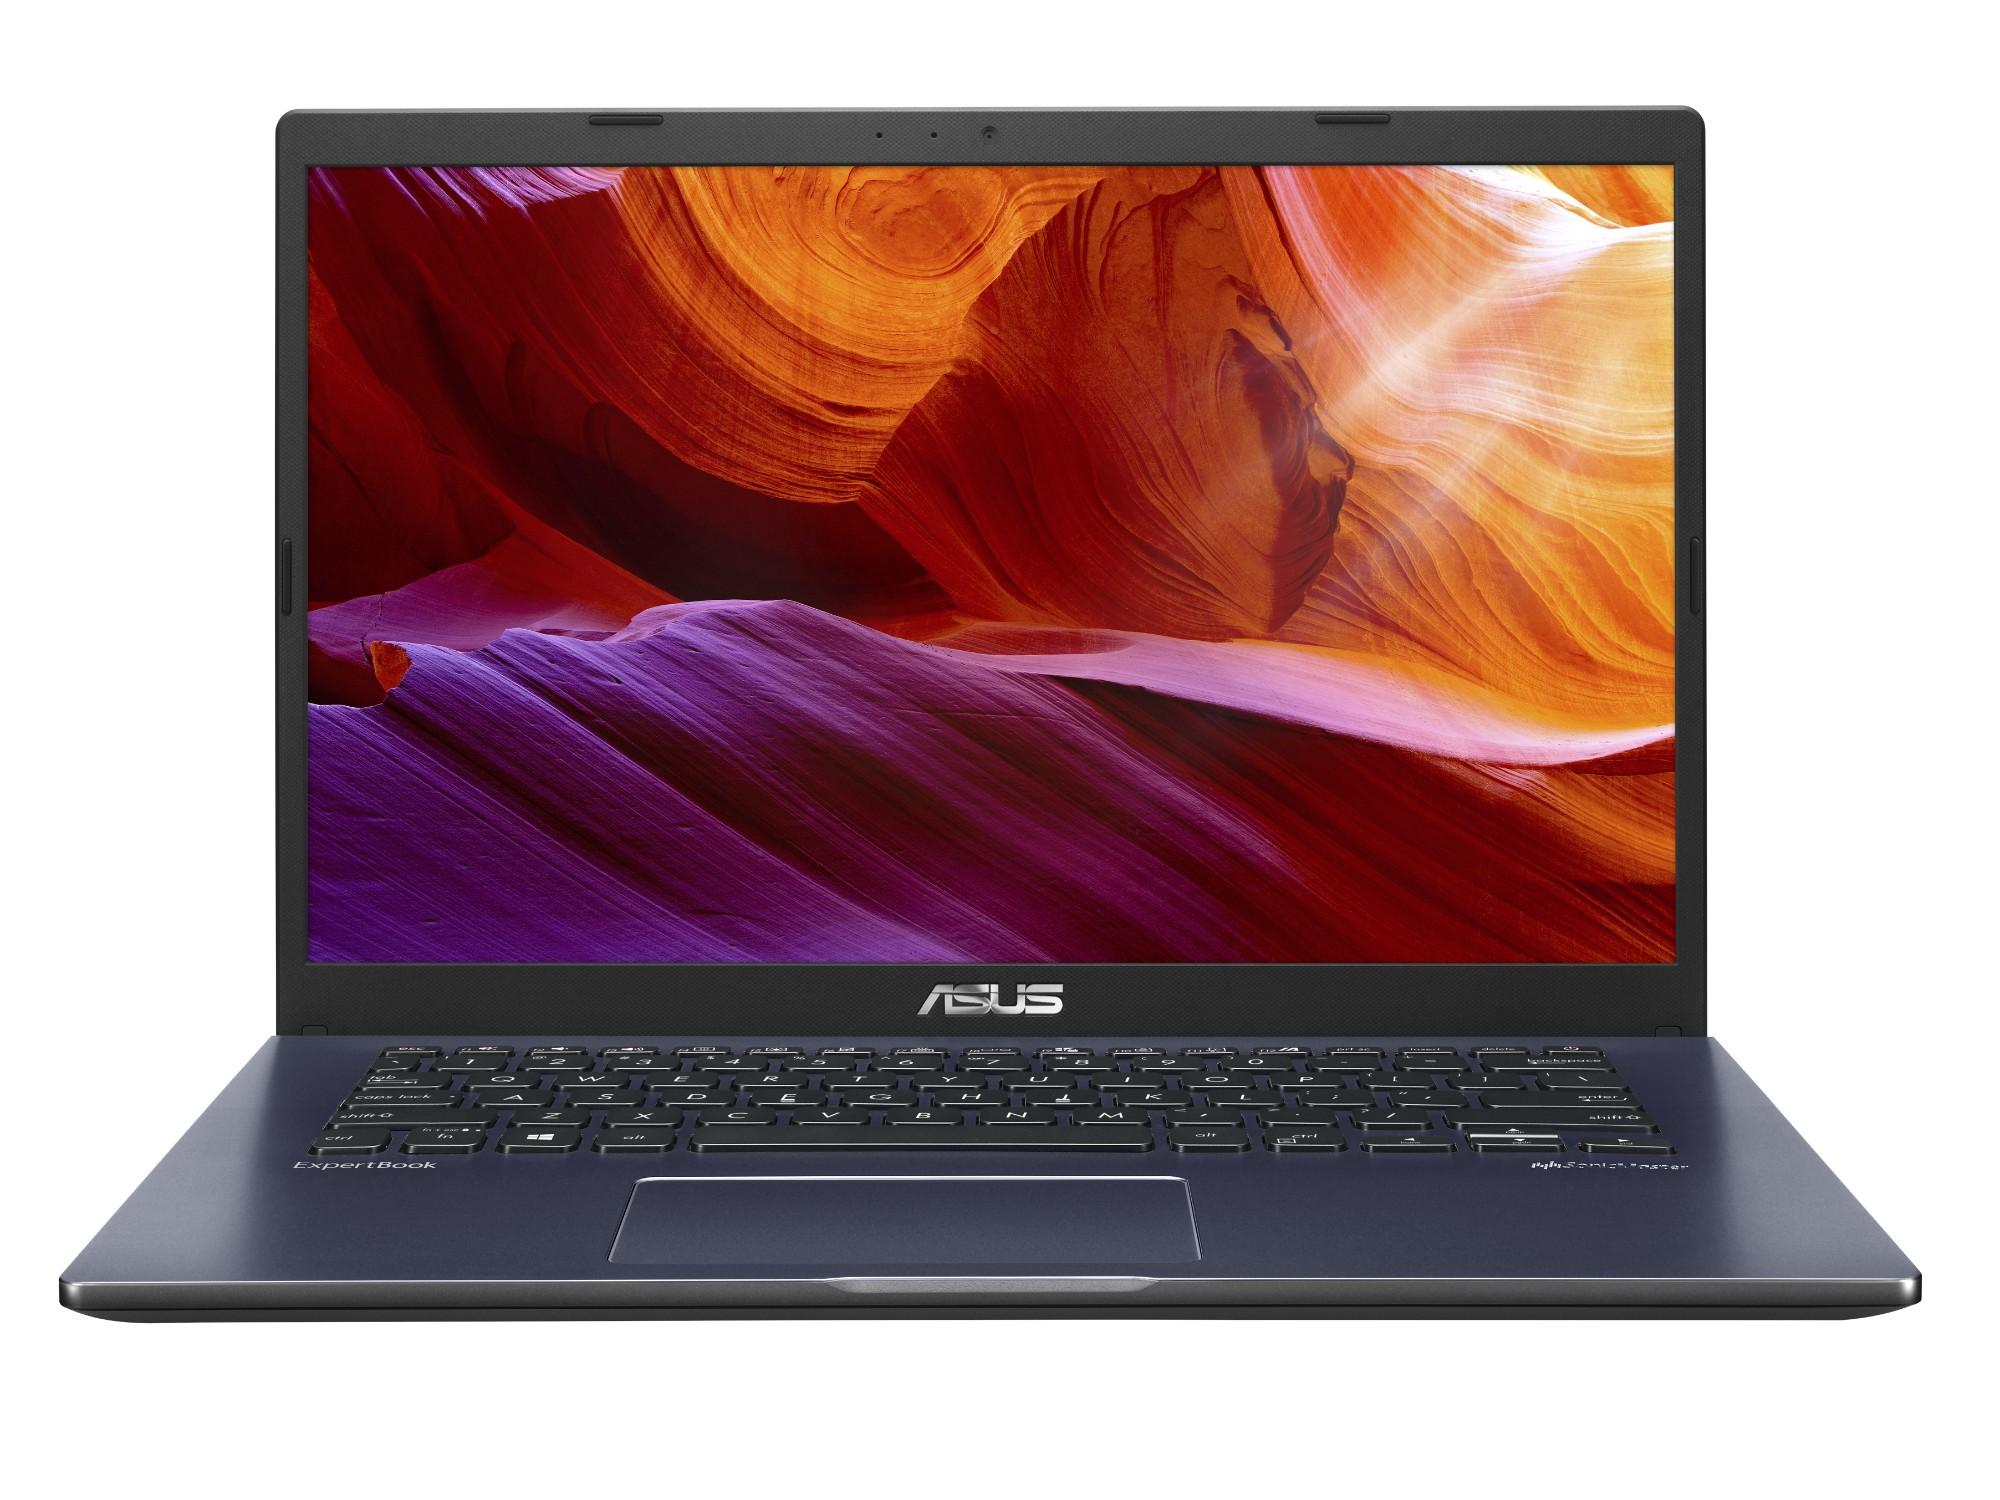 """ASUS P1410CJA-EK197R DDR4-SDRAM Notebook 35.6 cm (14"""") 1920 x 1080 pixels 10th gen Intel® Core™ i5 8 GB 256 GB SSD Wi-Fi 5 (802.11ac) Windows 10 Pro Black"""